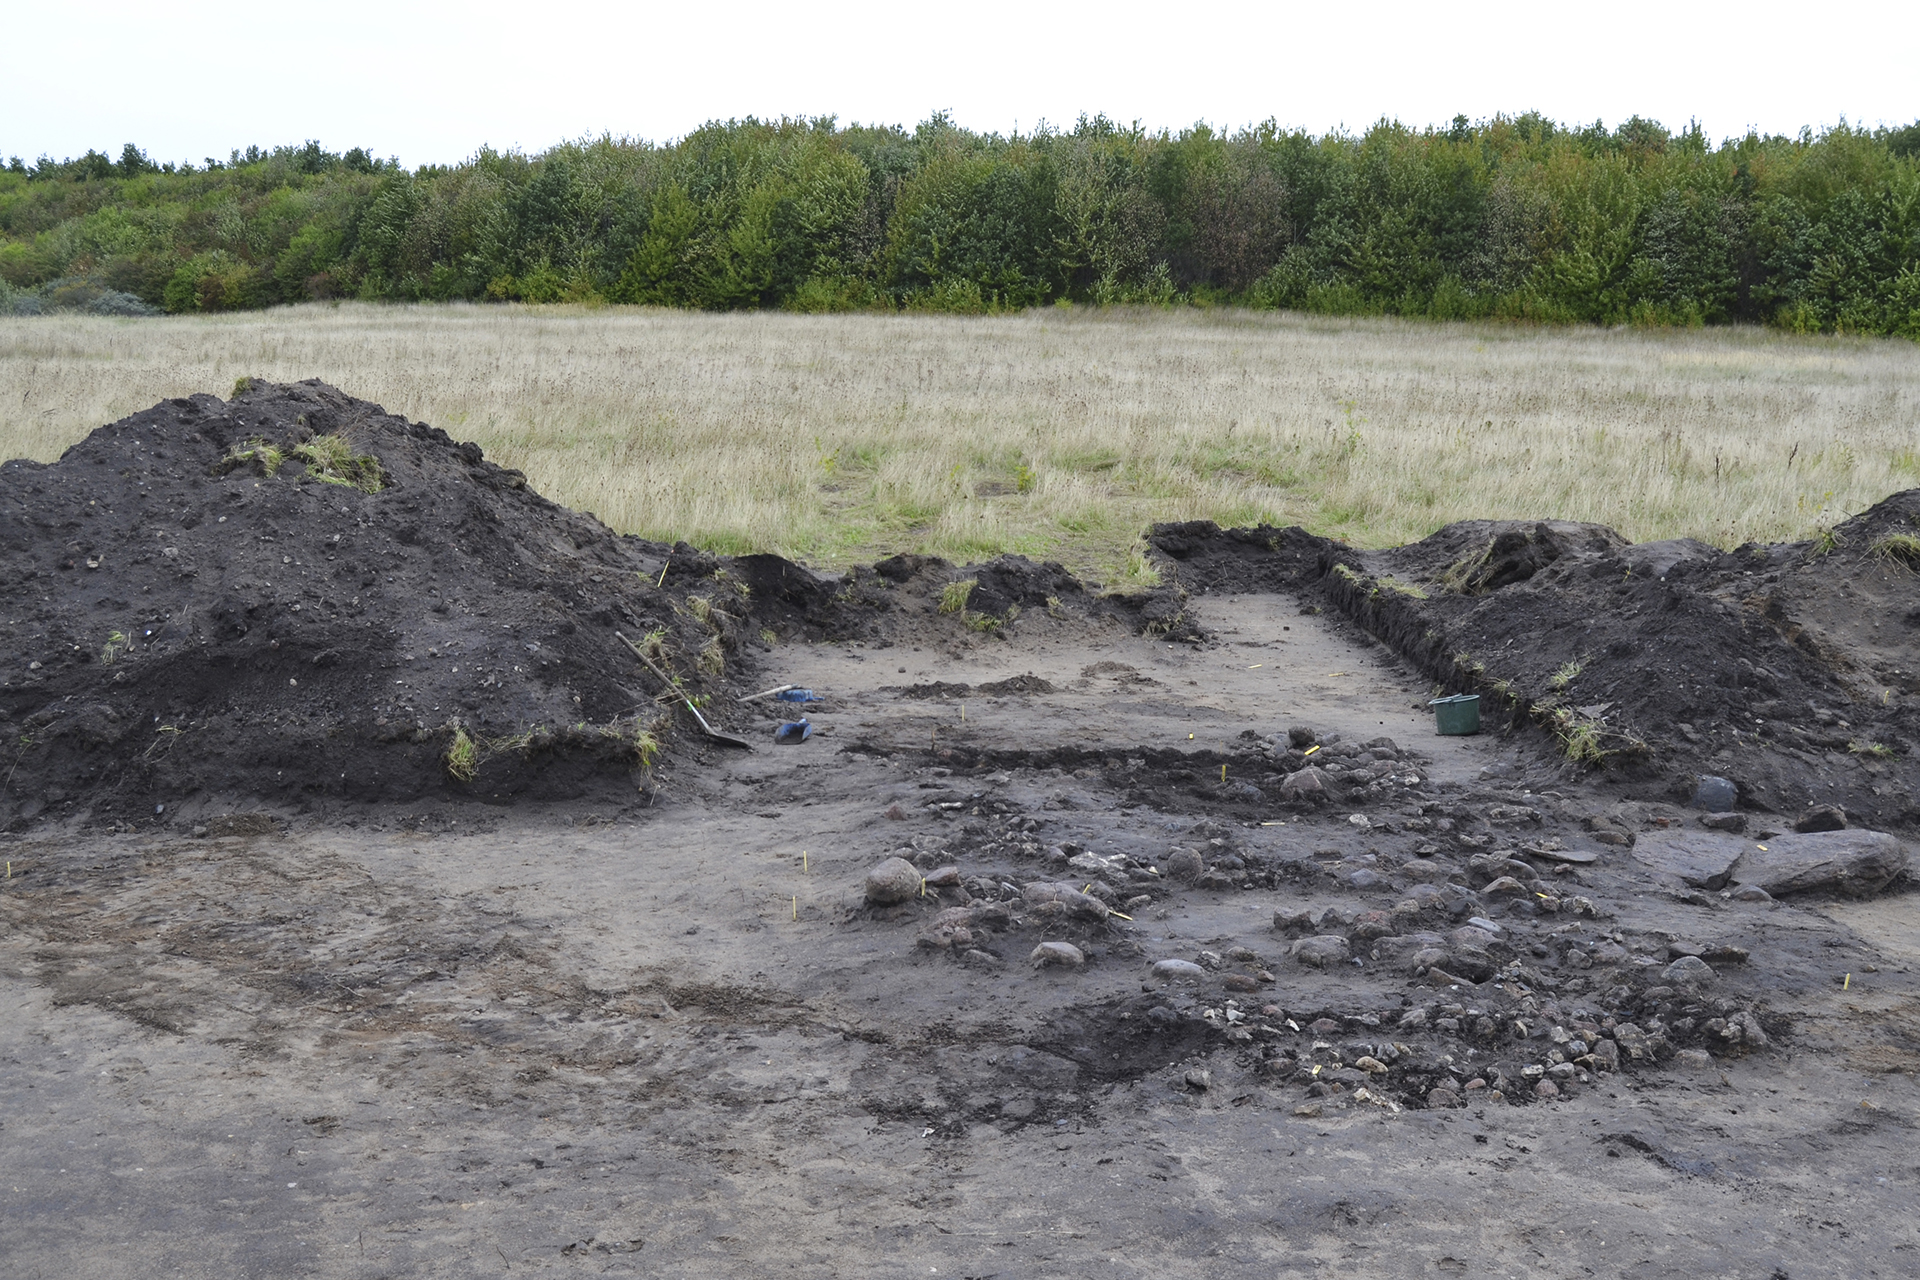 Figur 5. Grav 5. Den rektangulära stenpackningen (långdösen) i gravhögen. Gravrännan skymtar i förgrunden och till vänster i bild. Foto: Magnus Andersson, Arkeologerna. CC-BY.